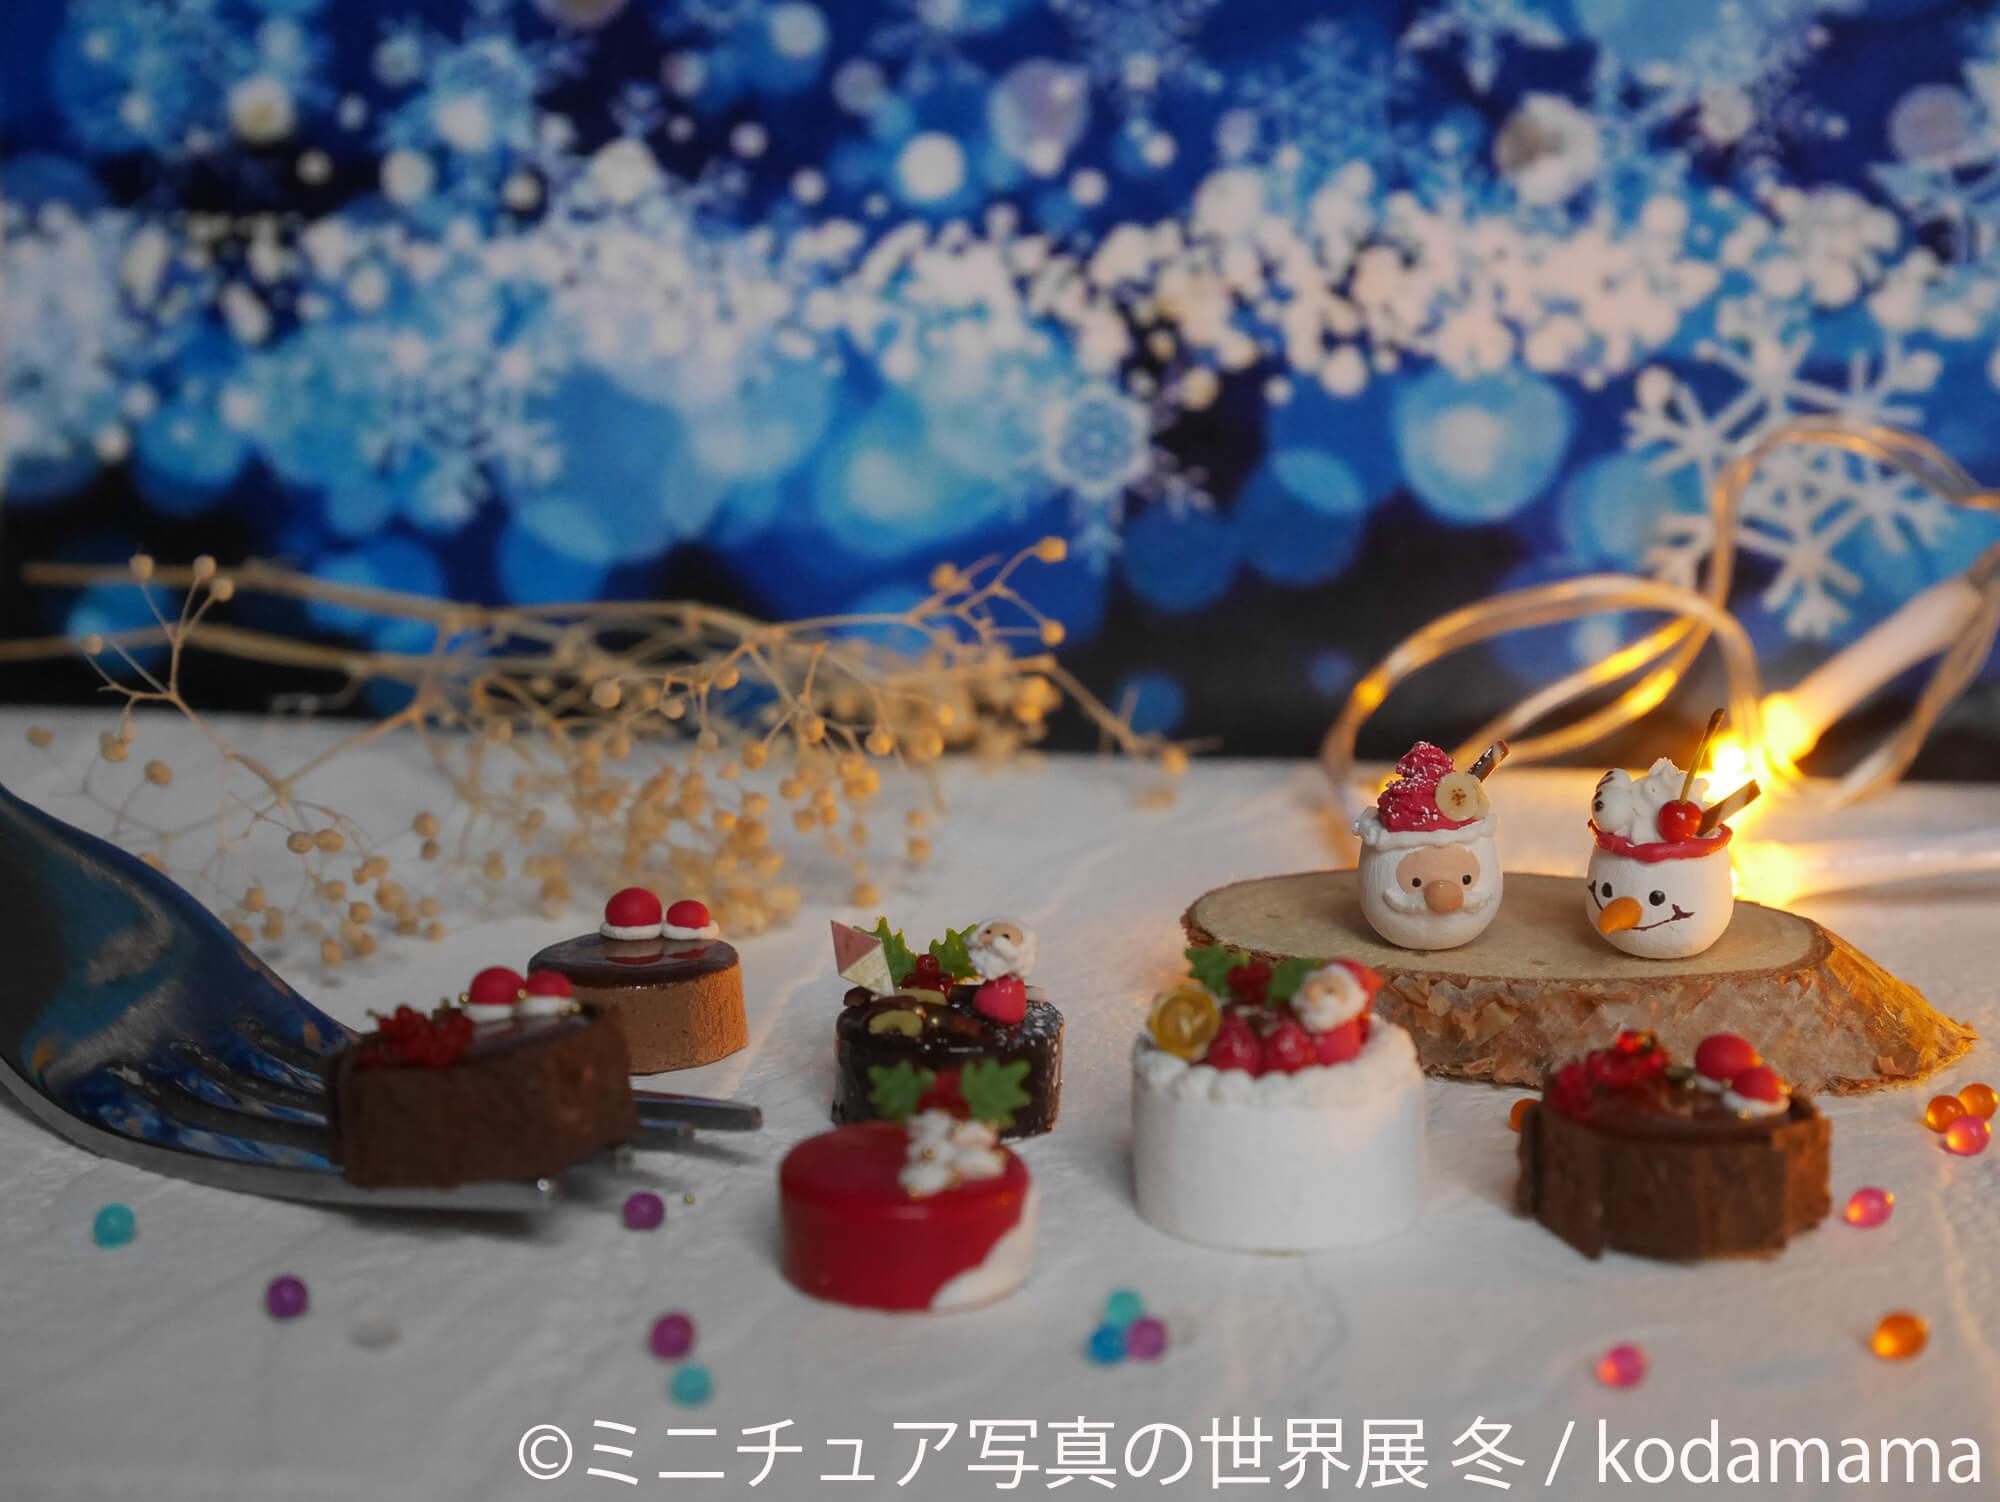 ミニチュア写真の世界展 冬 miniature exhibition 3